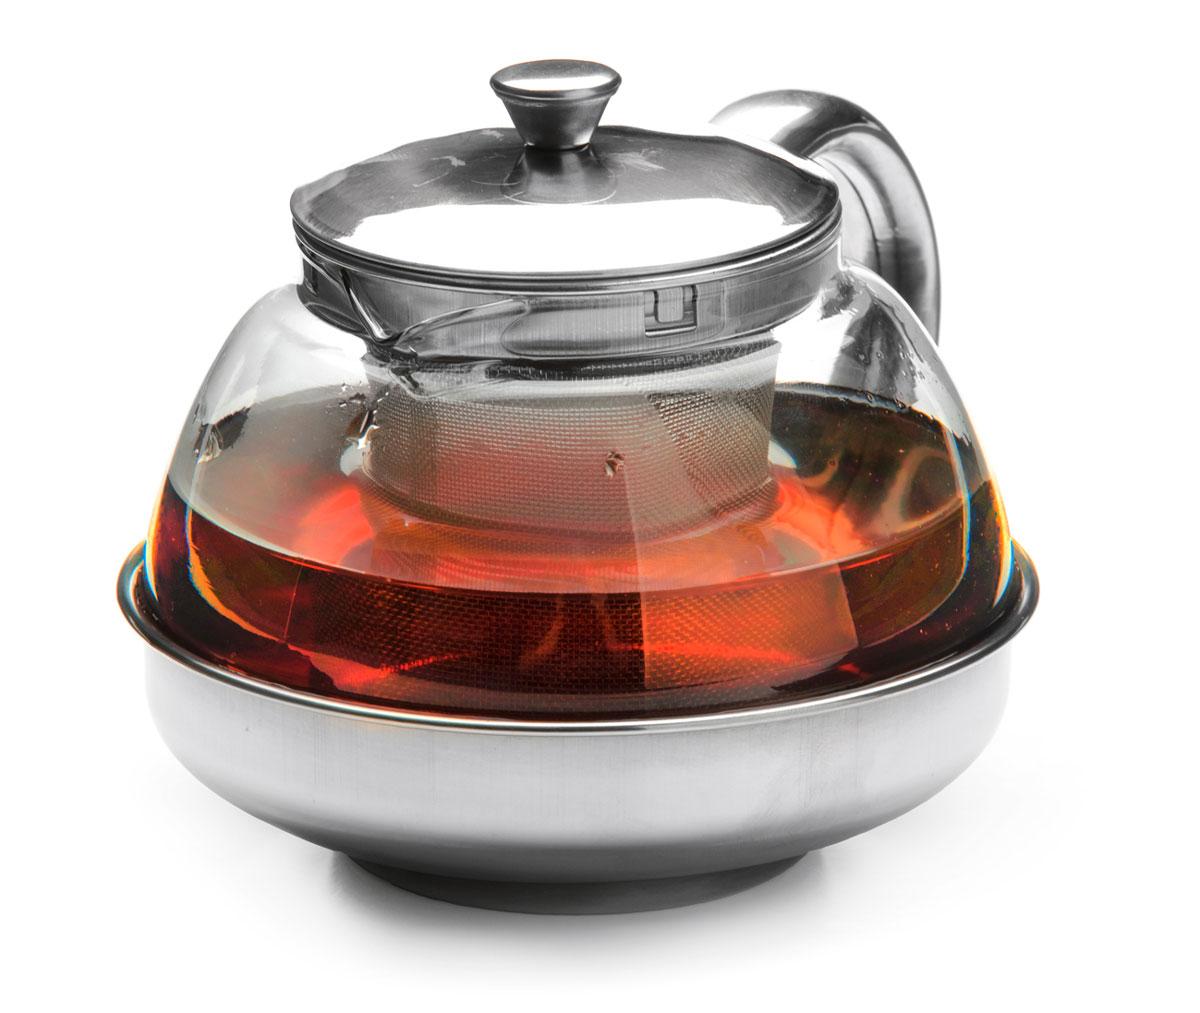 Чайник заварочный Mayer & Boch, с ситом, 600 мл. 26203391602Заварочный чайник Mayer & Boch изготовлен из термостойкого боросиликатного стекла, крышка, ручка, часть корпуса и фильтр выполнены из нержавеющей стали. Изделия из стекла не впитывают запахи, благодаря чему вы всегда получите натуральный, насыщенный вкус и аромат напитков.Заварочный чайник из стекла удобно использовать для повседневного заваривания чая практически любого сорта. Но цветочные, фруктовые, красные и желтые сорта чая лучше других раскрывают свой вкус и аромат при заваривании именно в стеклянных чайниках, а также сохраняют все полезные ферменты и витамины, содержащиеся в чайных листах. Стальной фильтр гарантирует прозрачность и чистоту напитка от чайных листьев, при этом сохранив букет и насыщенность чая. Прозрачные стенки чайника дают возможность насладиться насыщенным цветом заваренного чая. Изящный заварочный чайник Mayer & Boch будет прекрасно смотреться в любом интерьере. Подходит для мытья в посудомоечной машине.